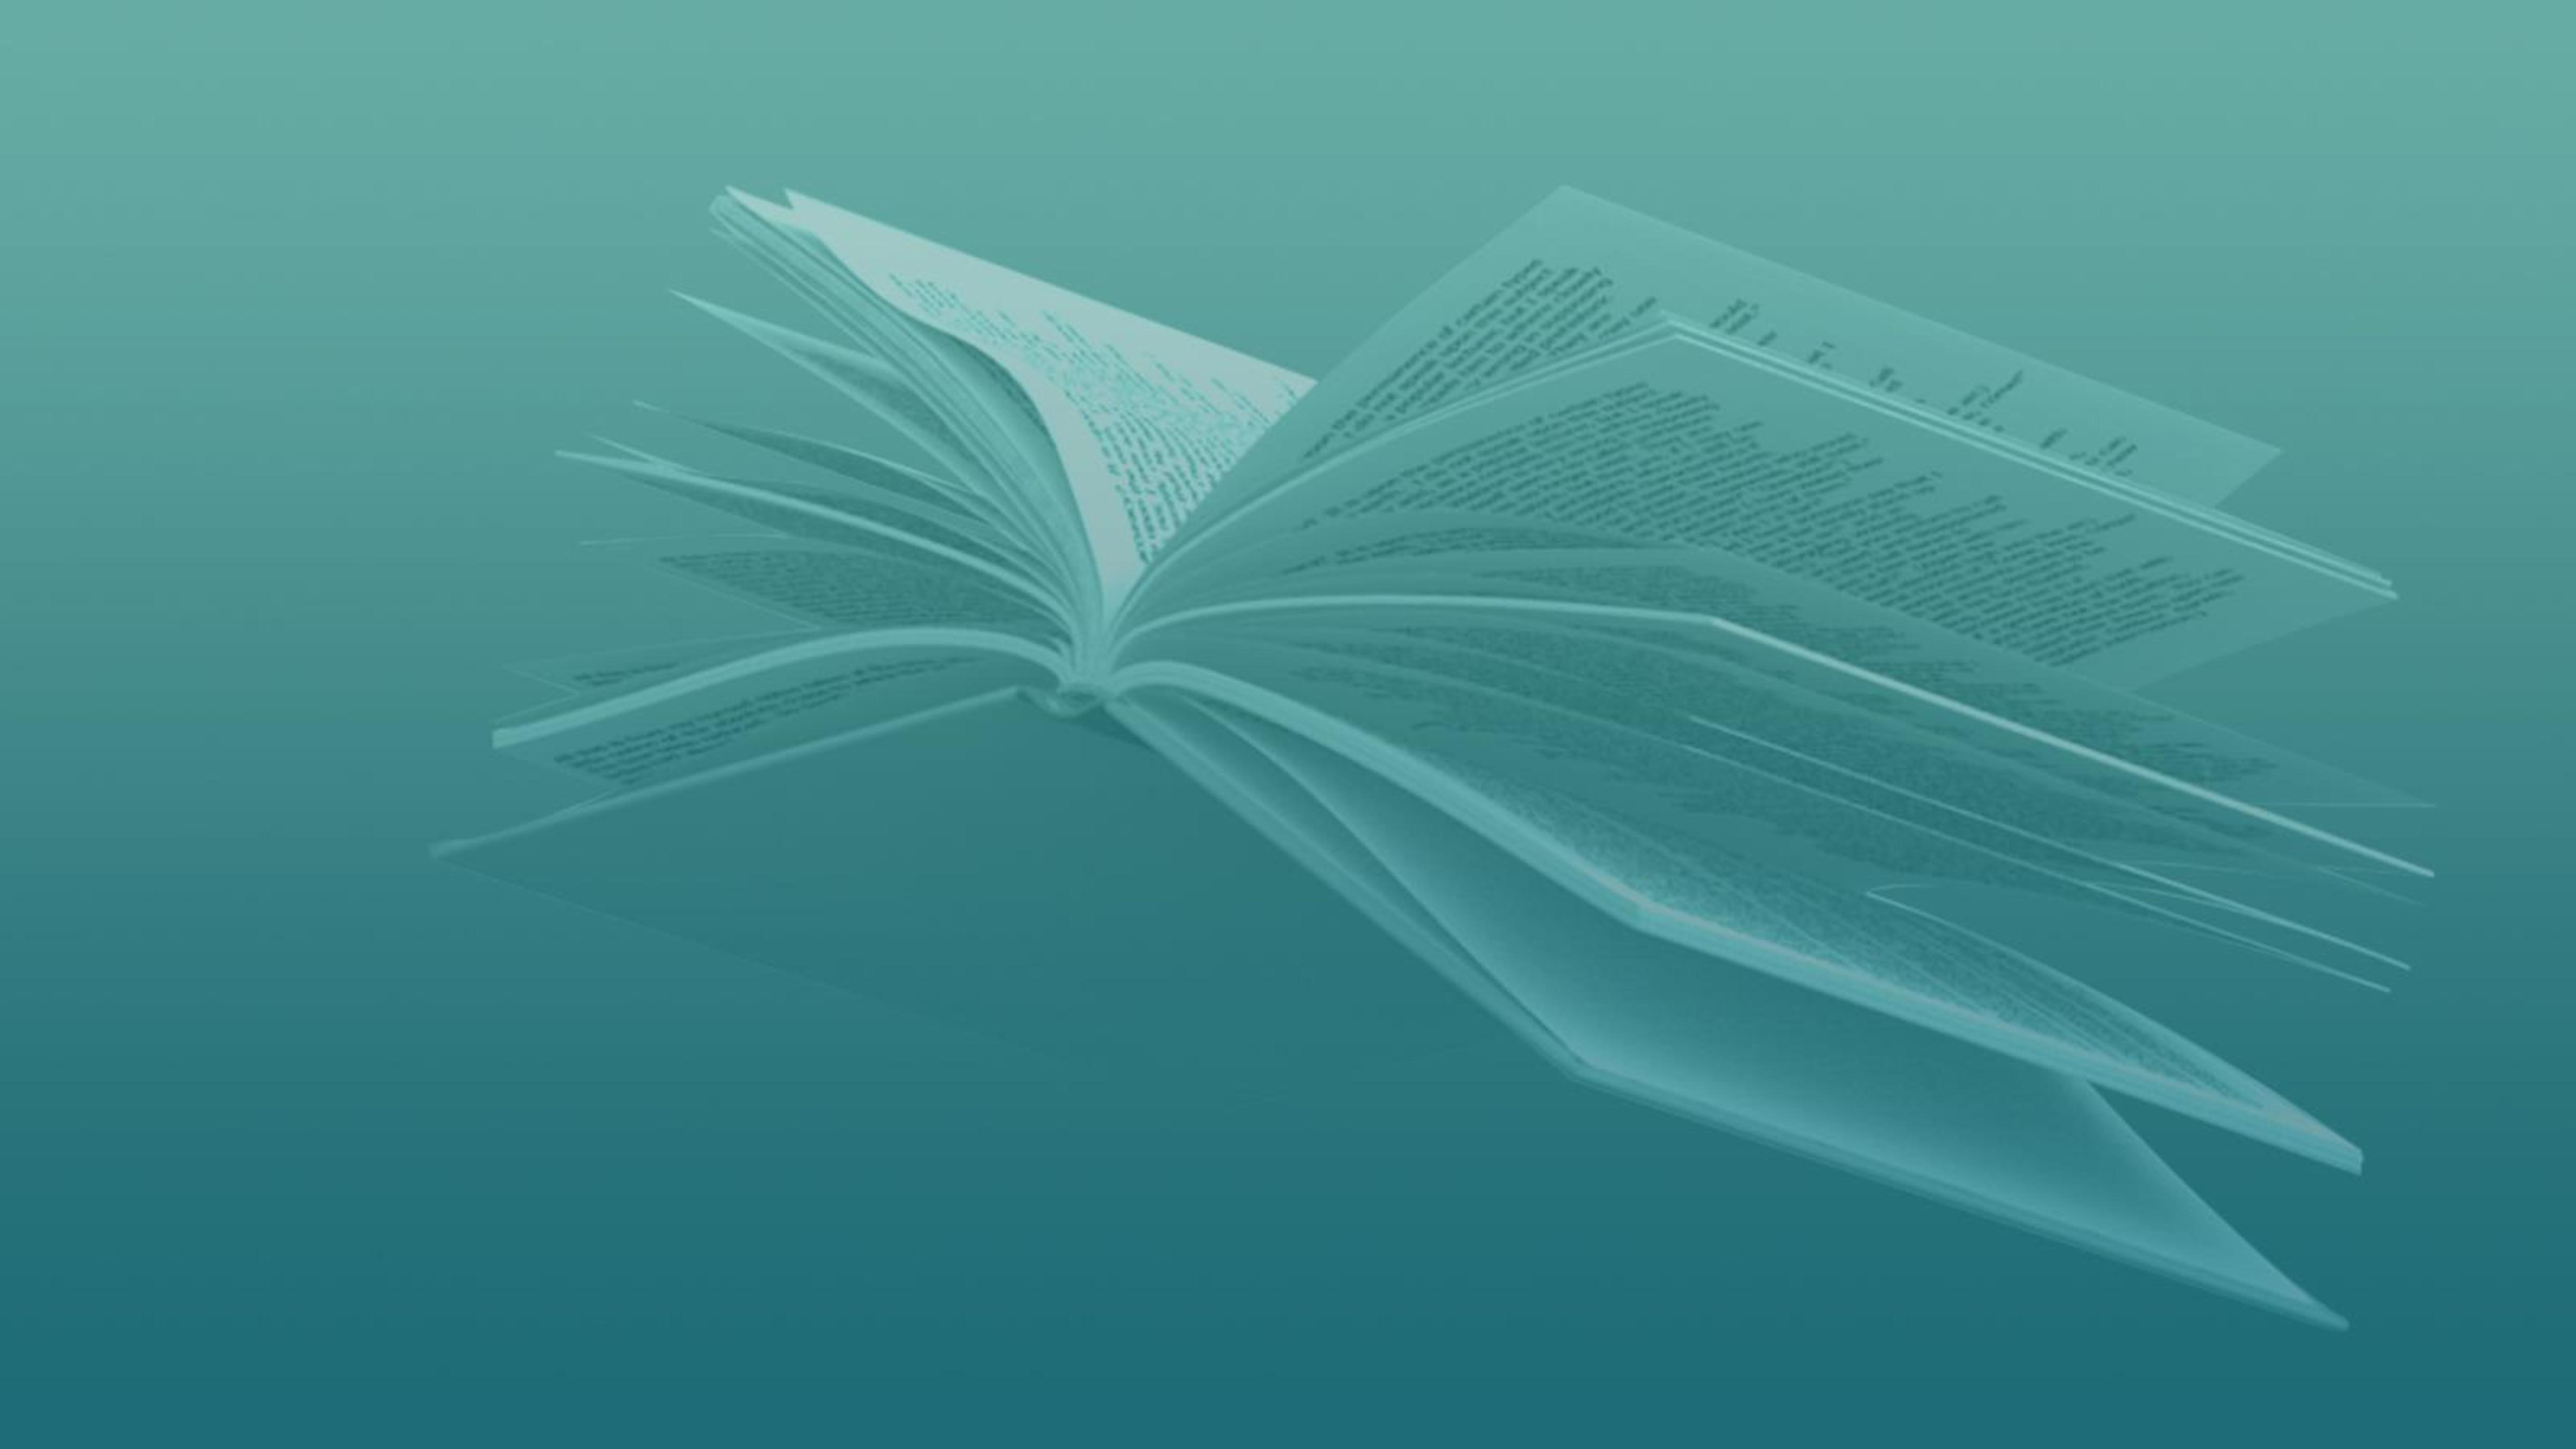 un livre vole, les pages ouvertes, comme un oiseau